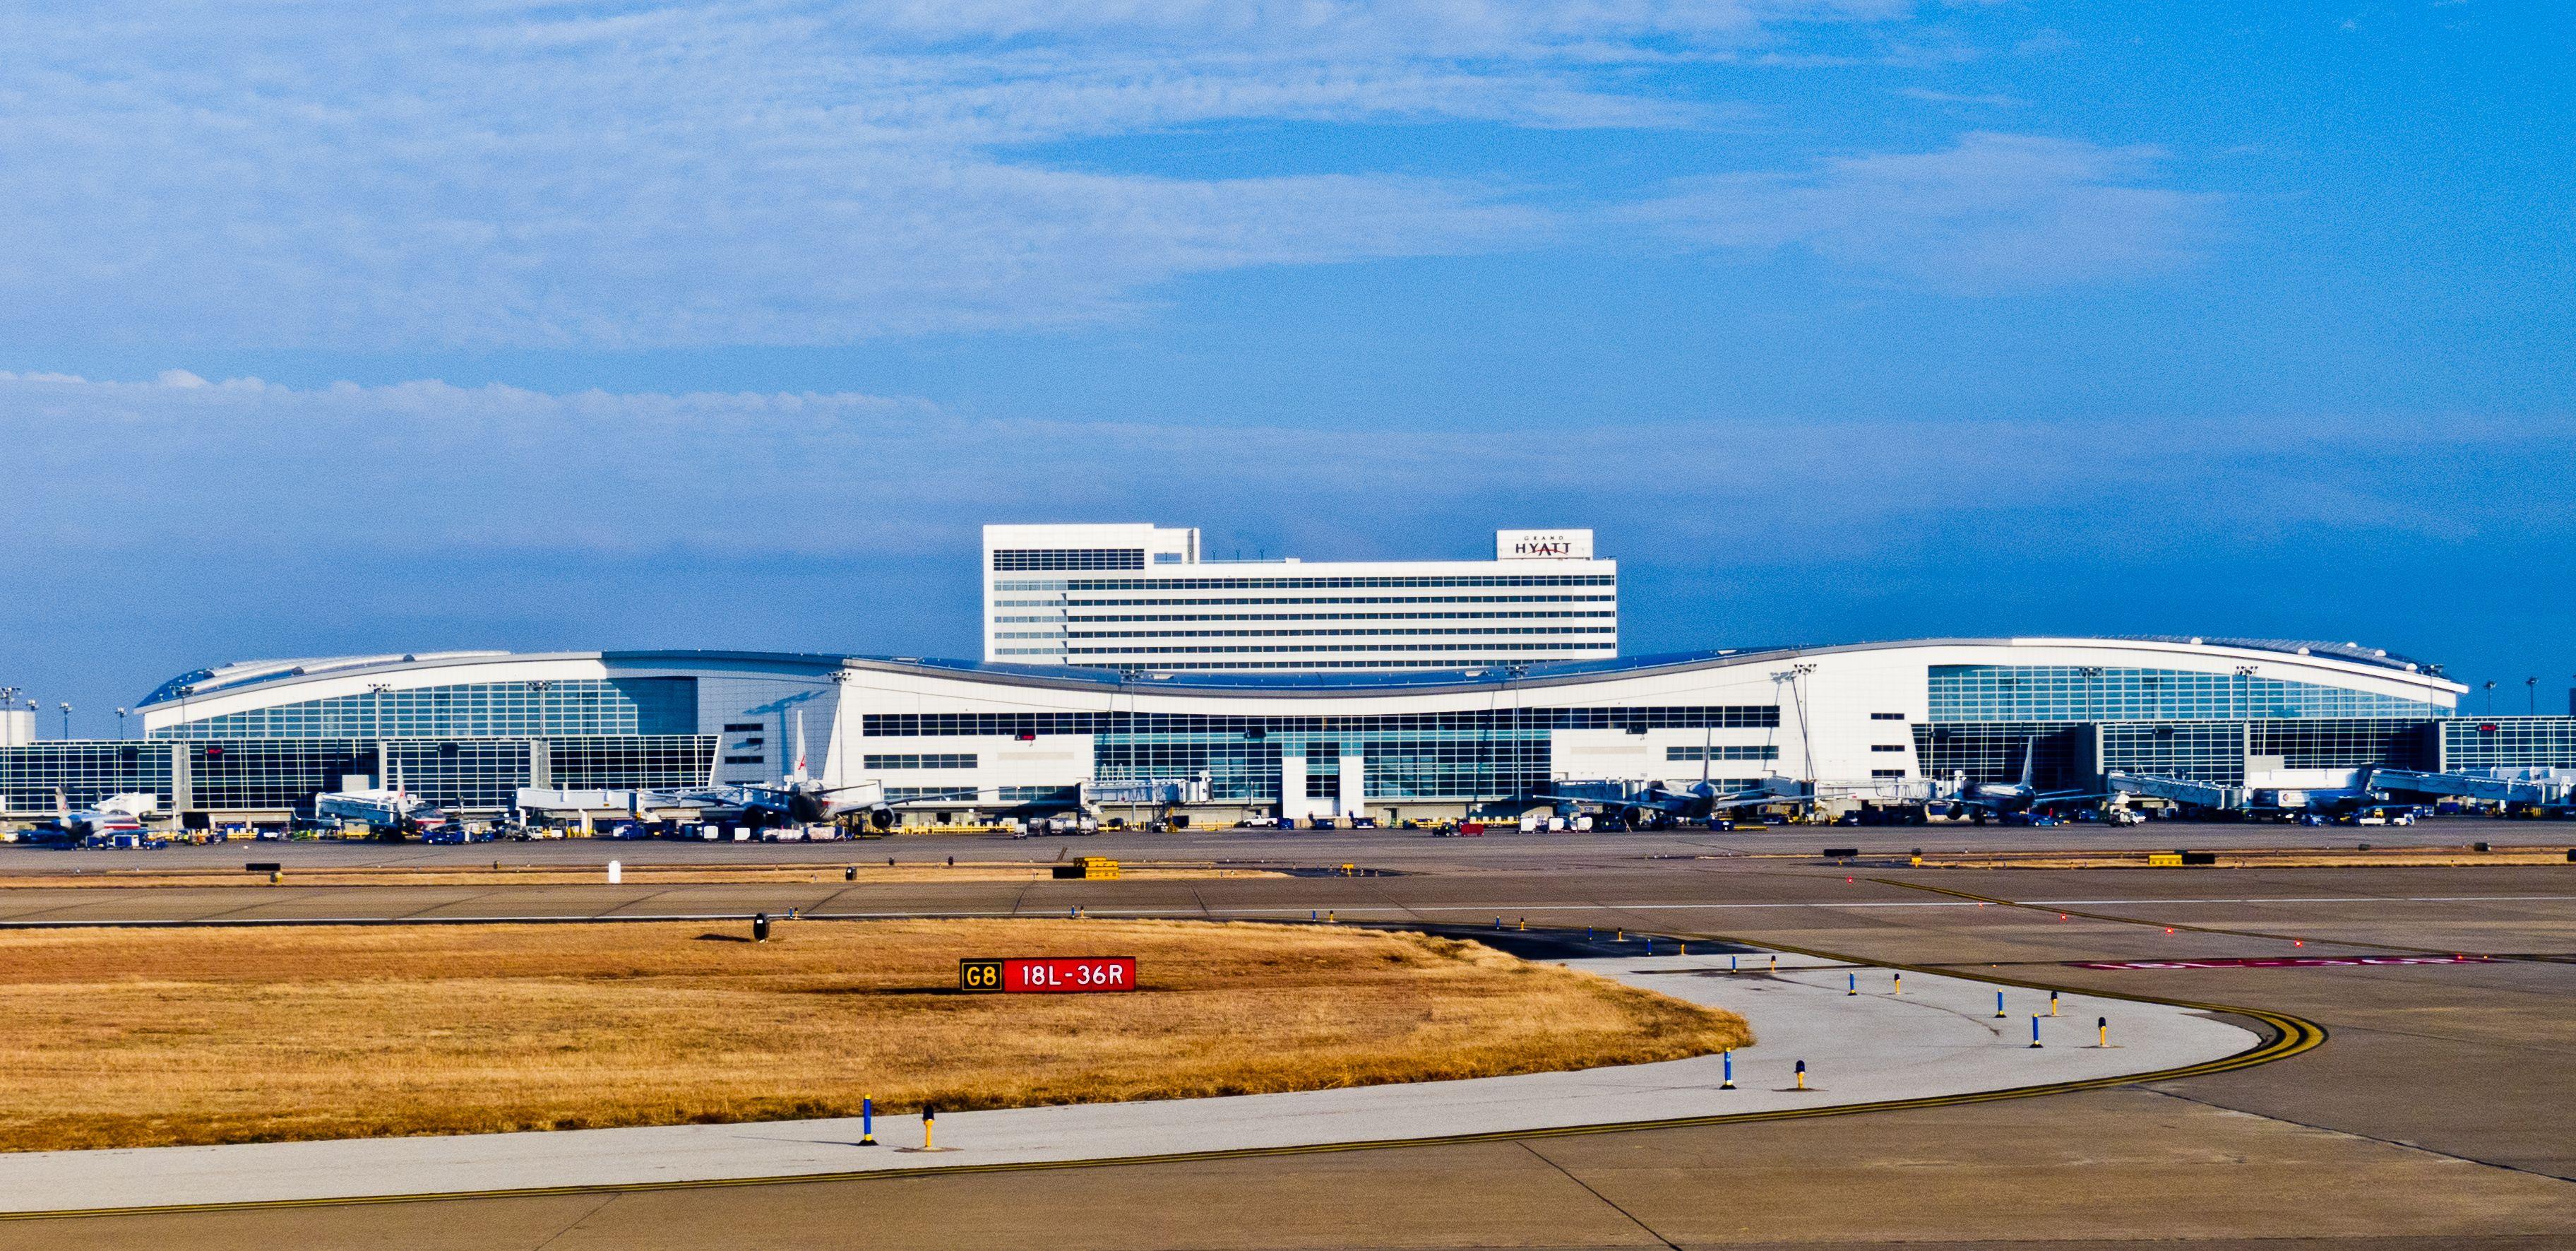 DFW Airport gets a world first A fullystaffed emergency